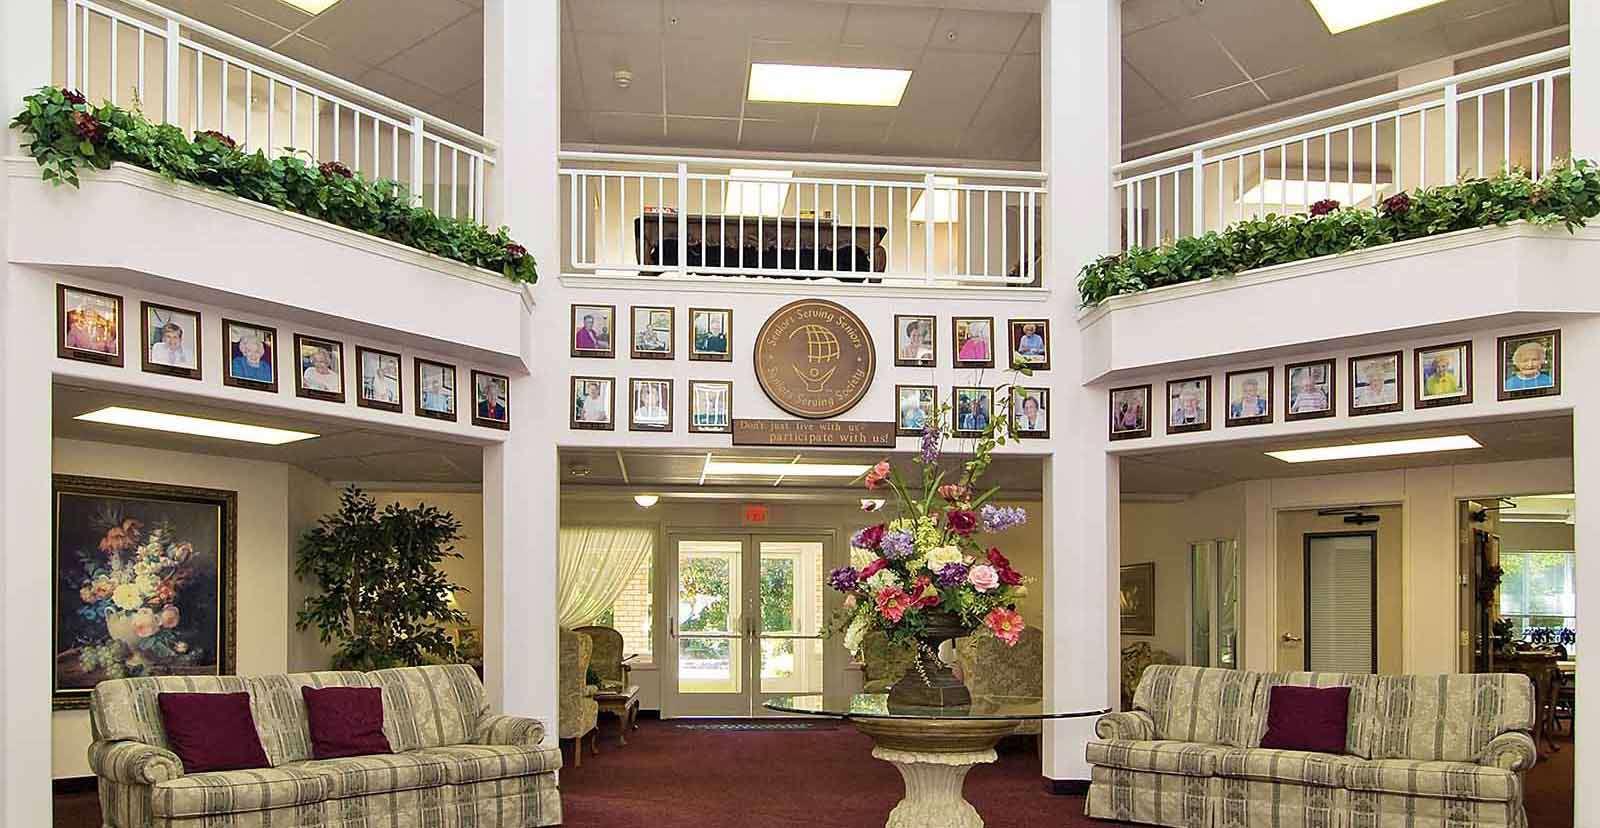 Washington Commons image 1